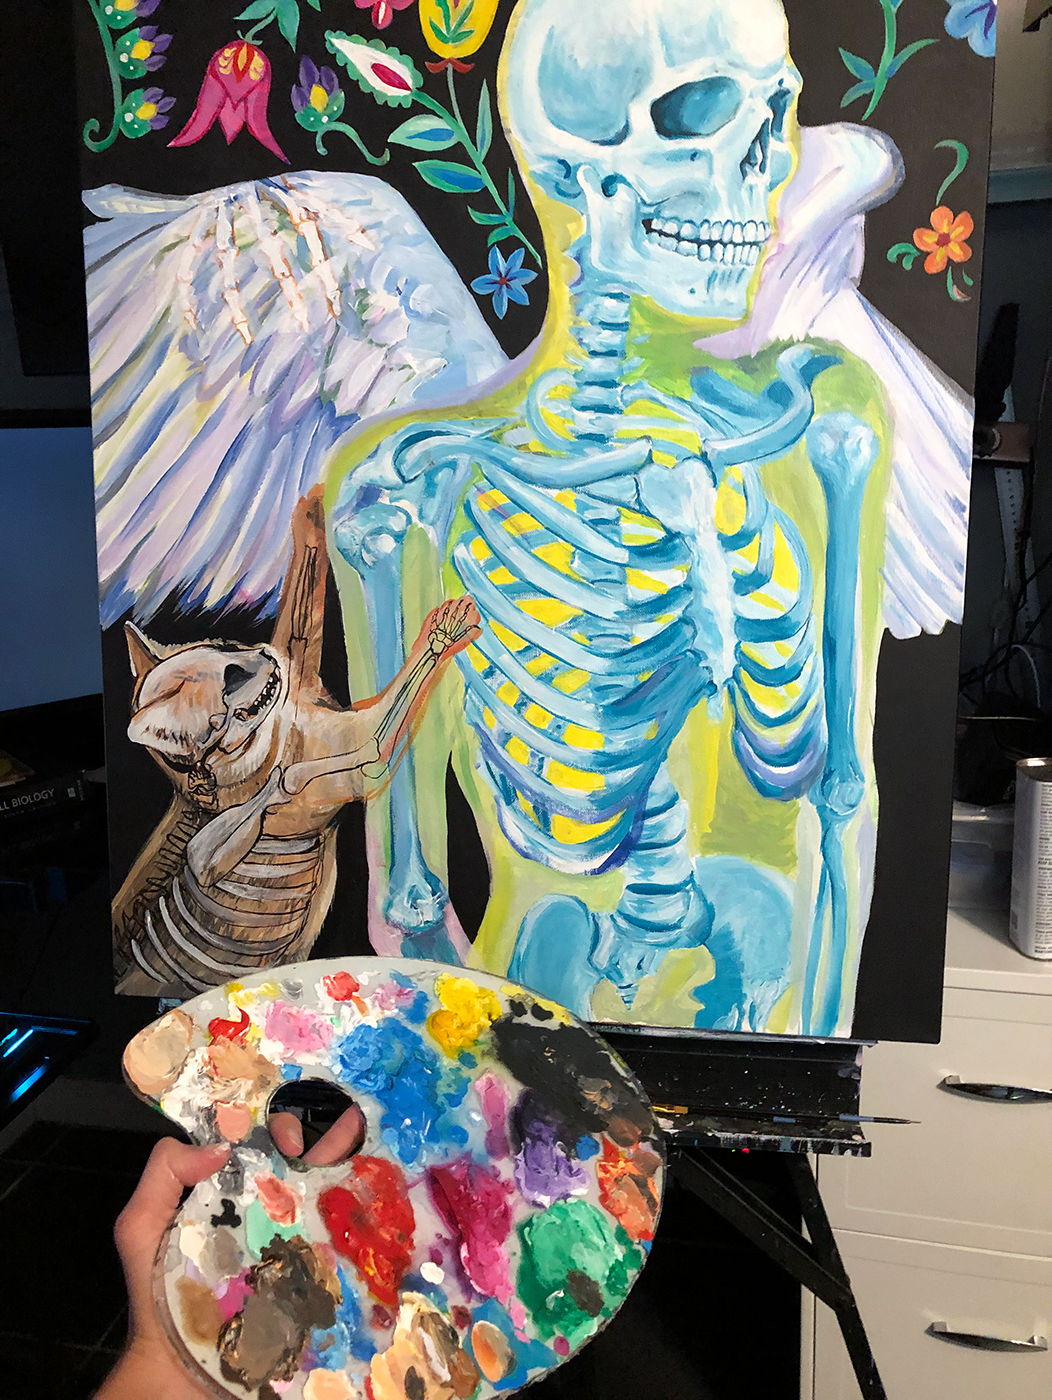 Espíritu, Work in Progress by Amanda Zirzow